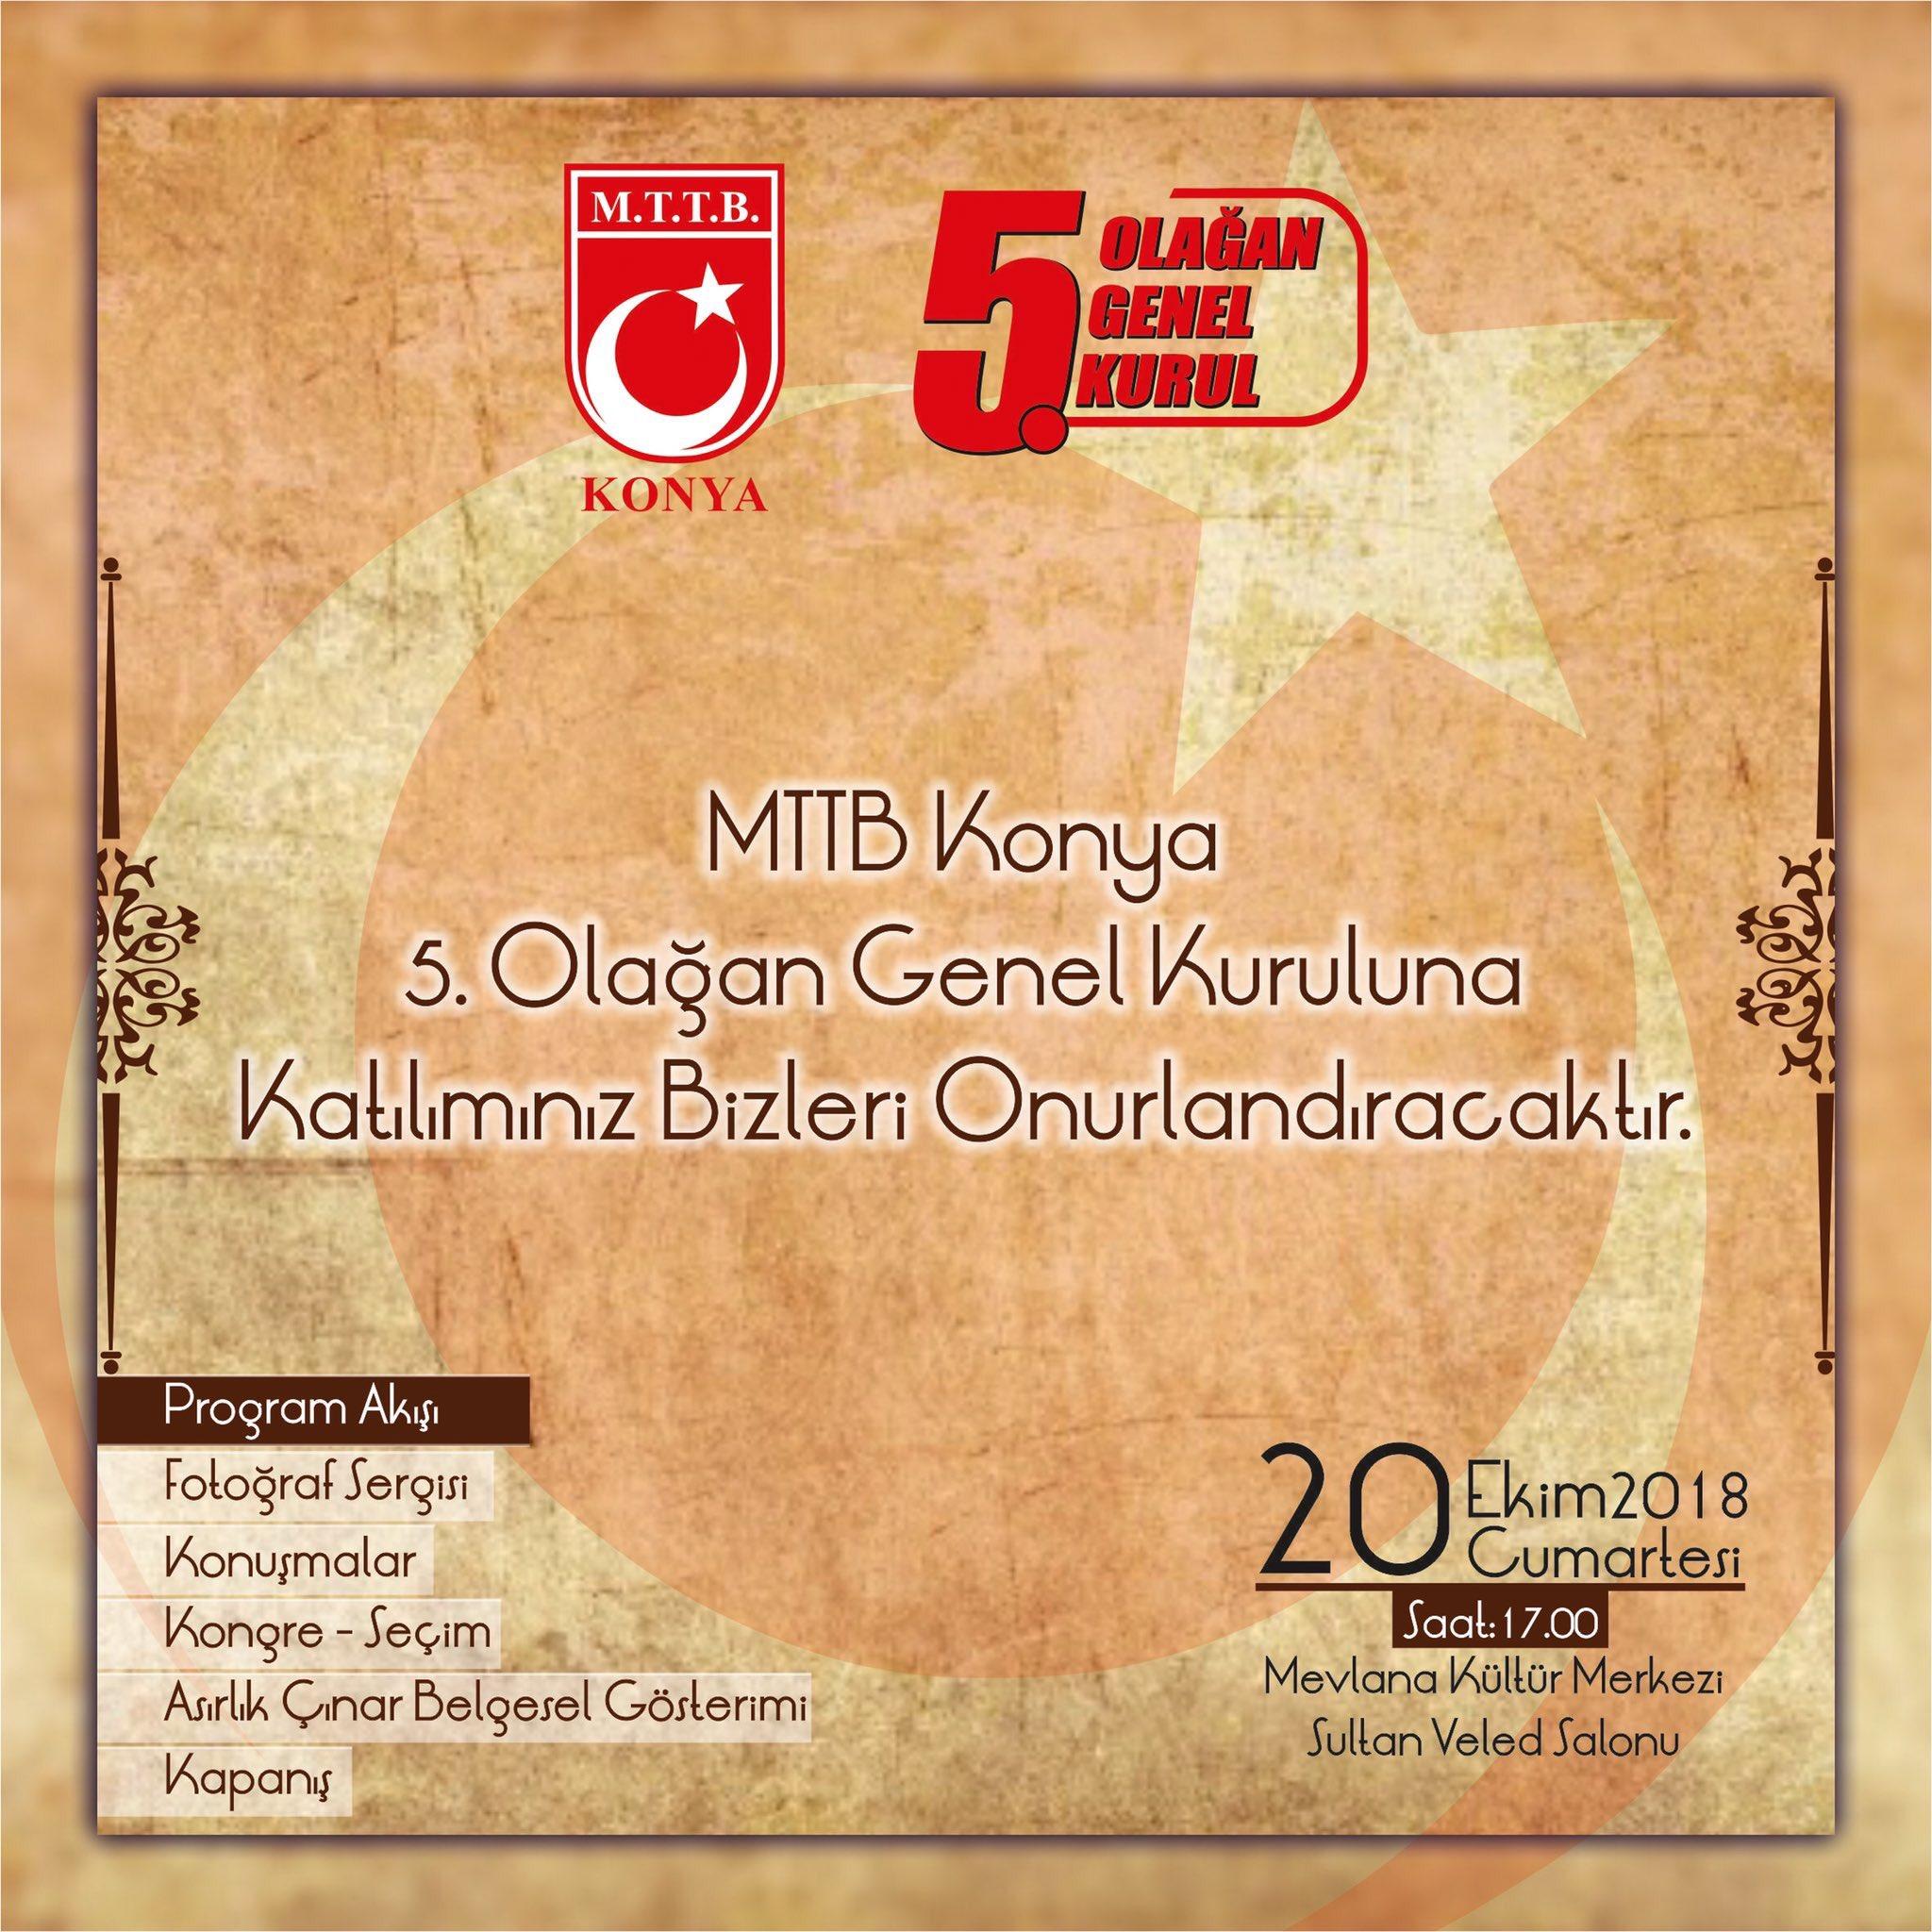 Milli Türk Talebe Birliği Konya 5. Olağan Genel Kurulu